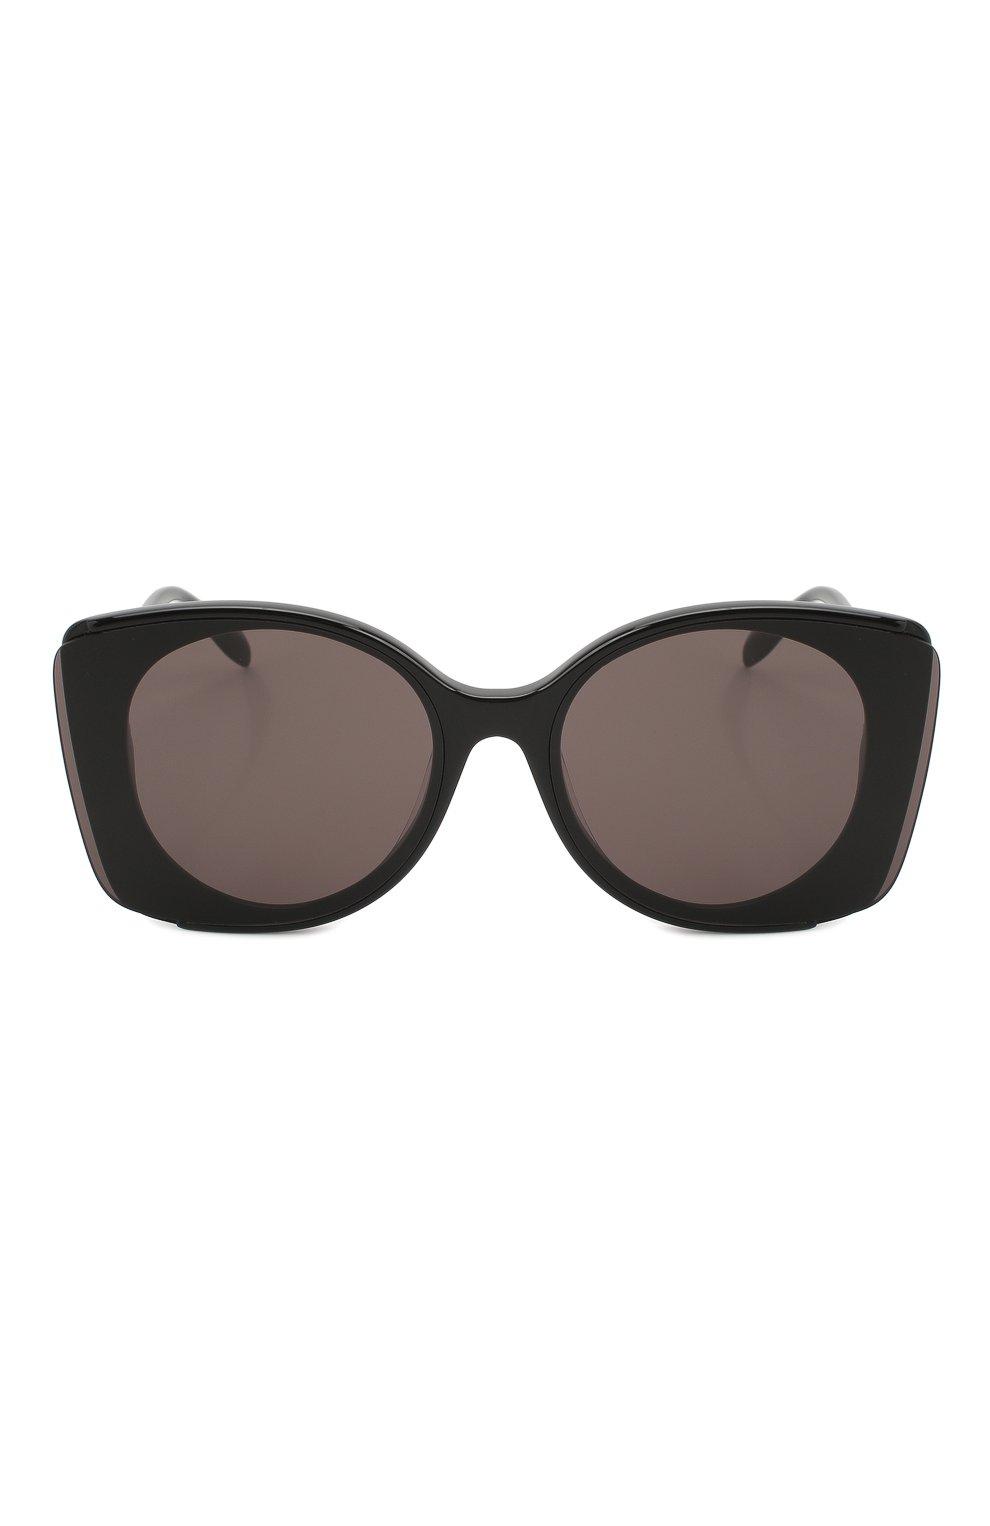 Женские солнцезащитные очки ALEXANDER MCQUEEN черного цвета, арт. AM0250S 001 | Фото 3